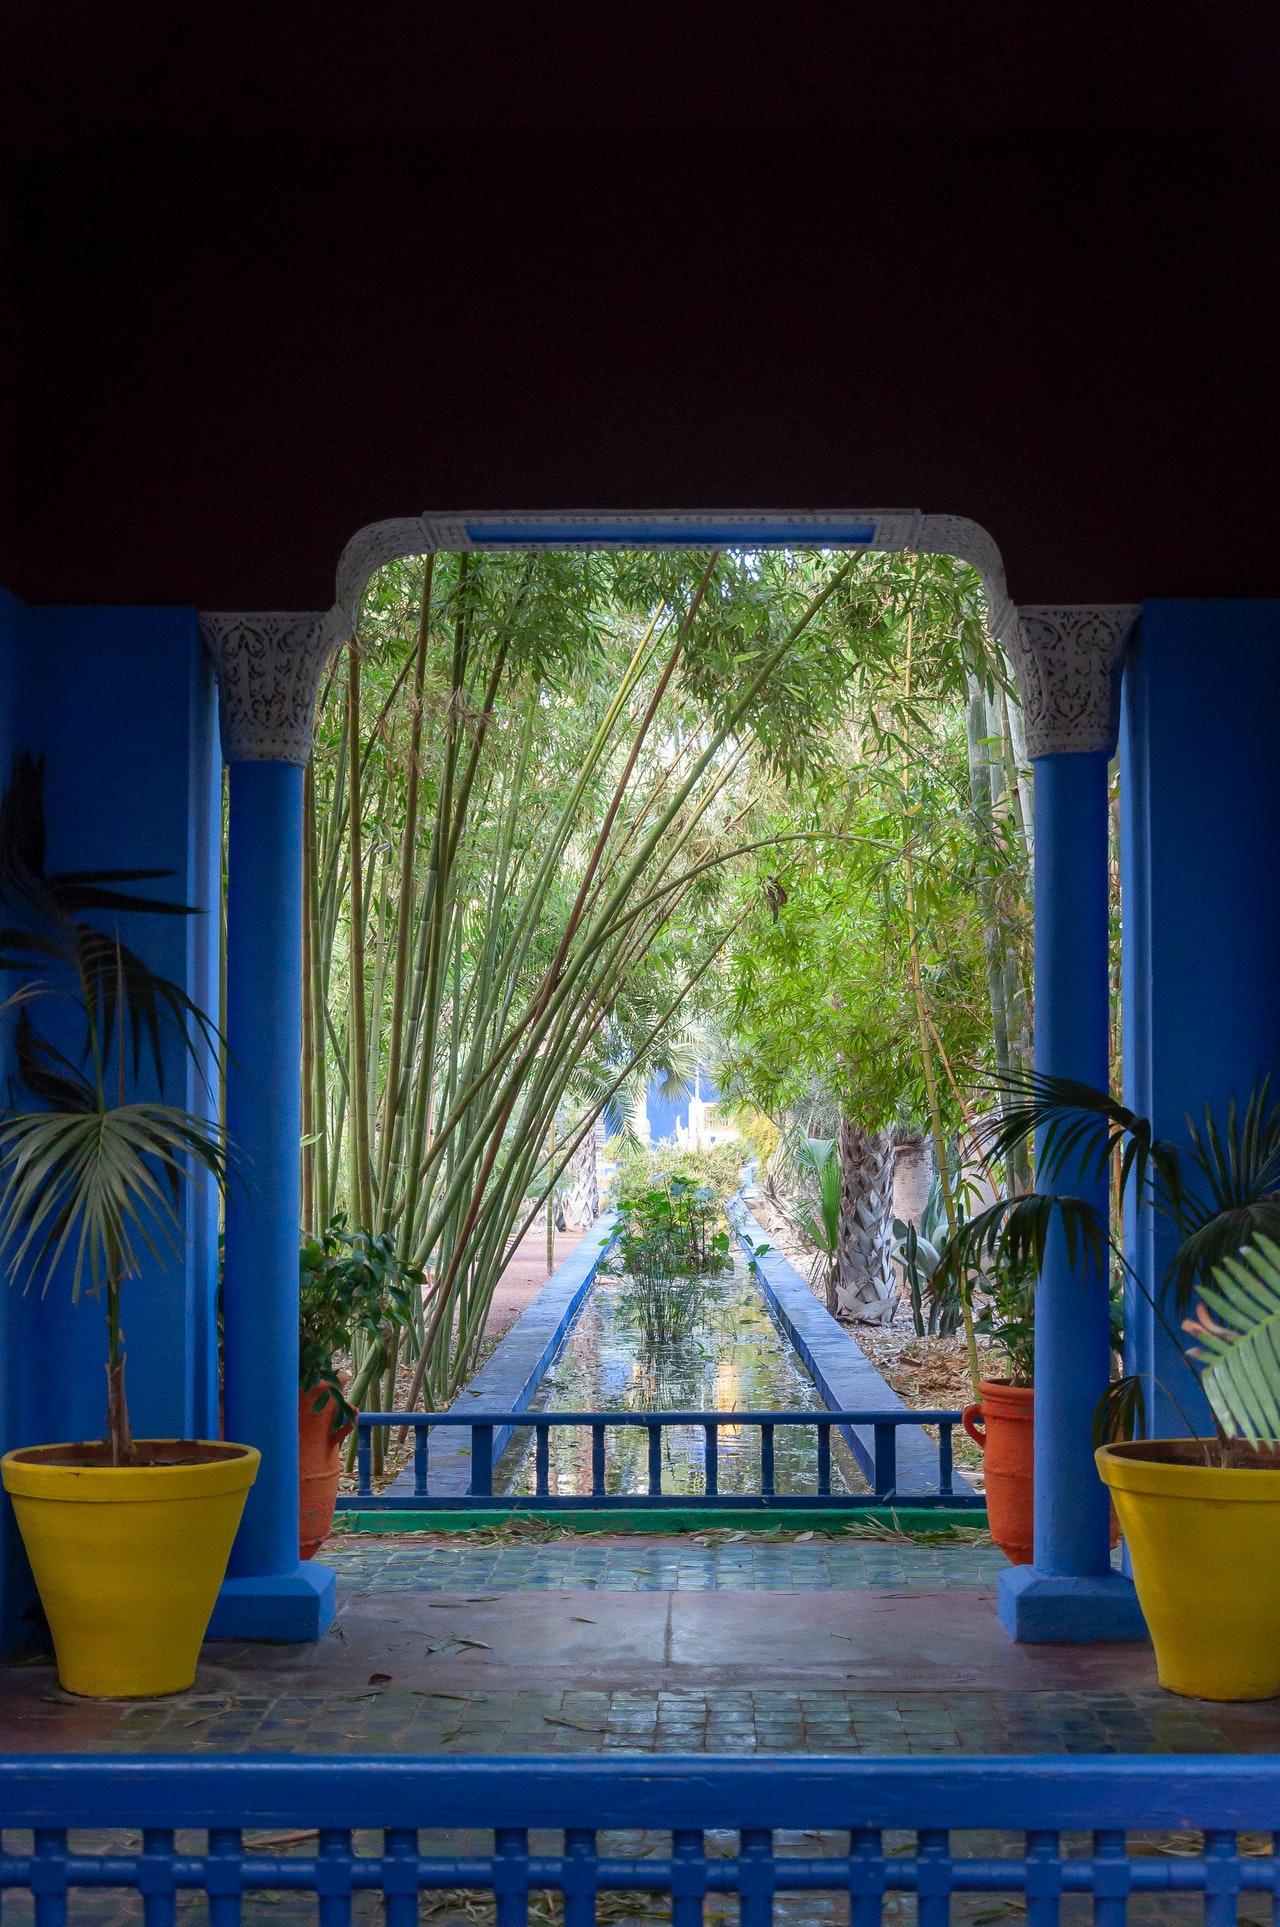 Peinture bleu majorelle : une couleur électrisante